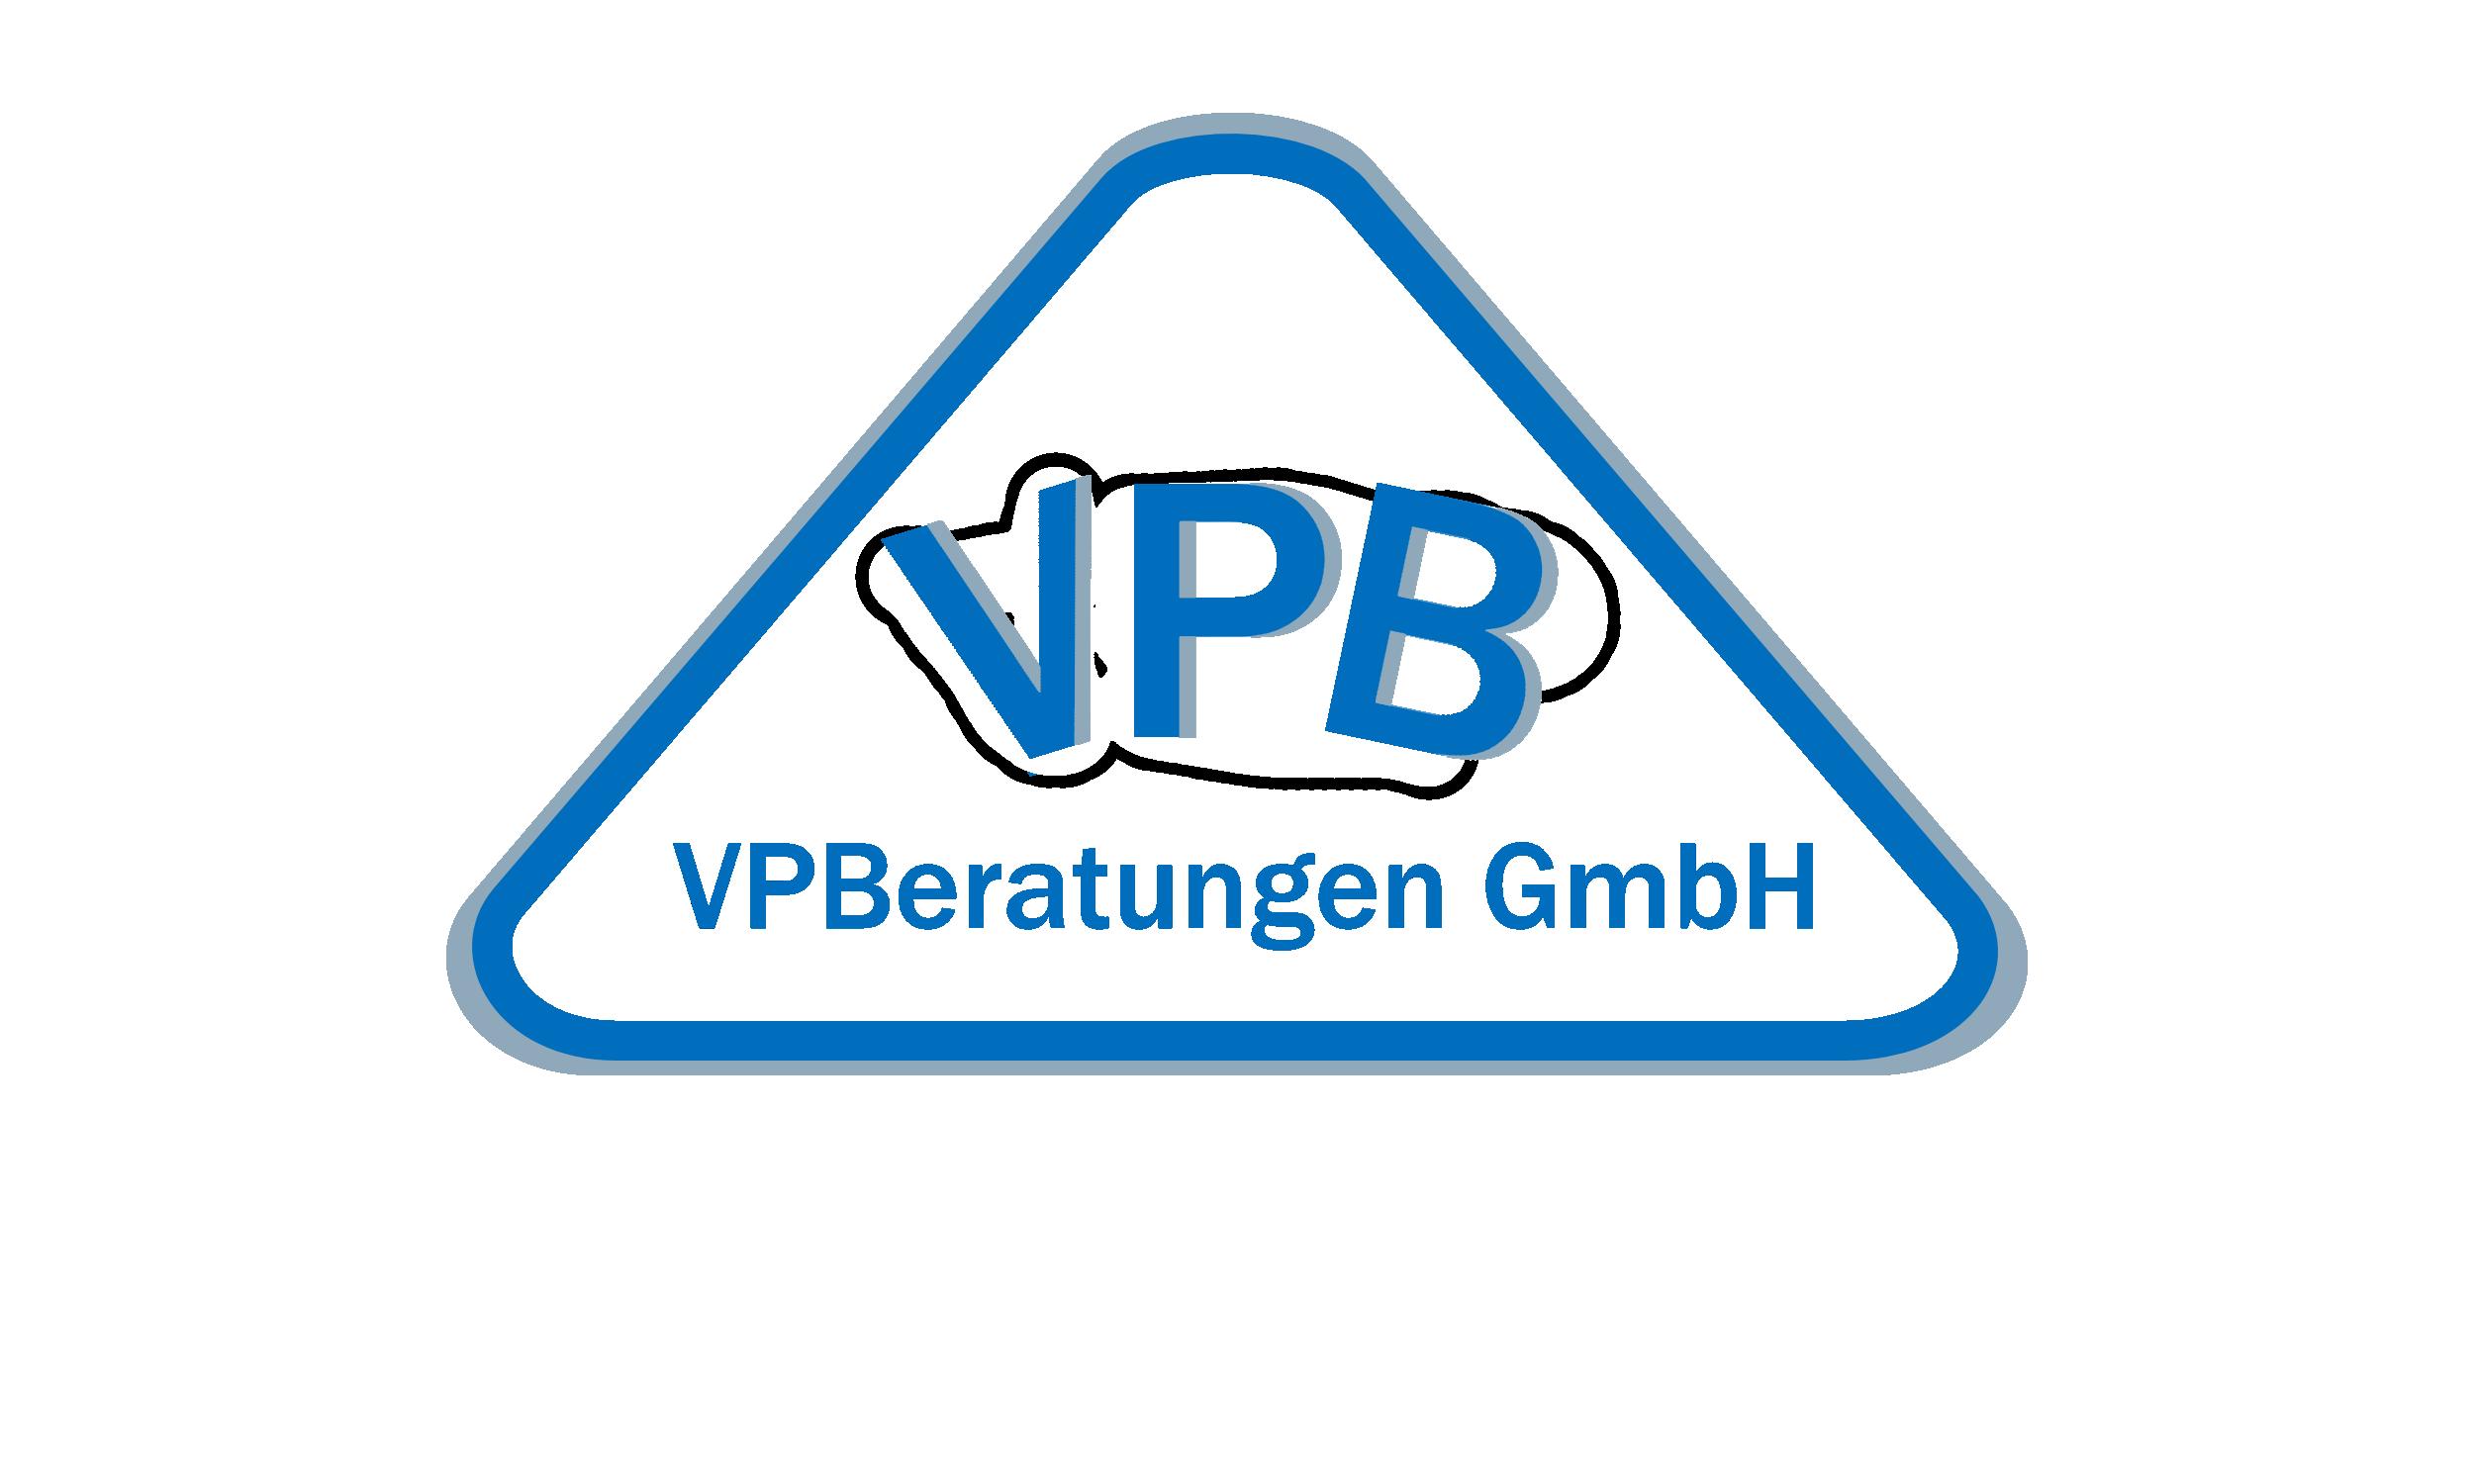 VPBeratungen GmbH